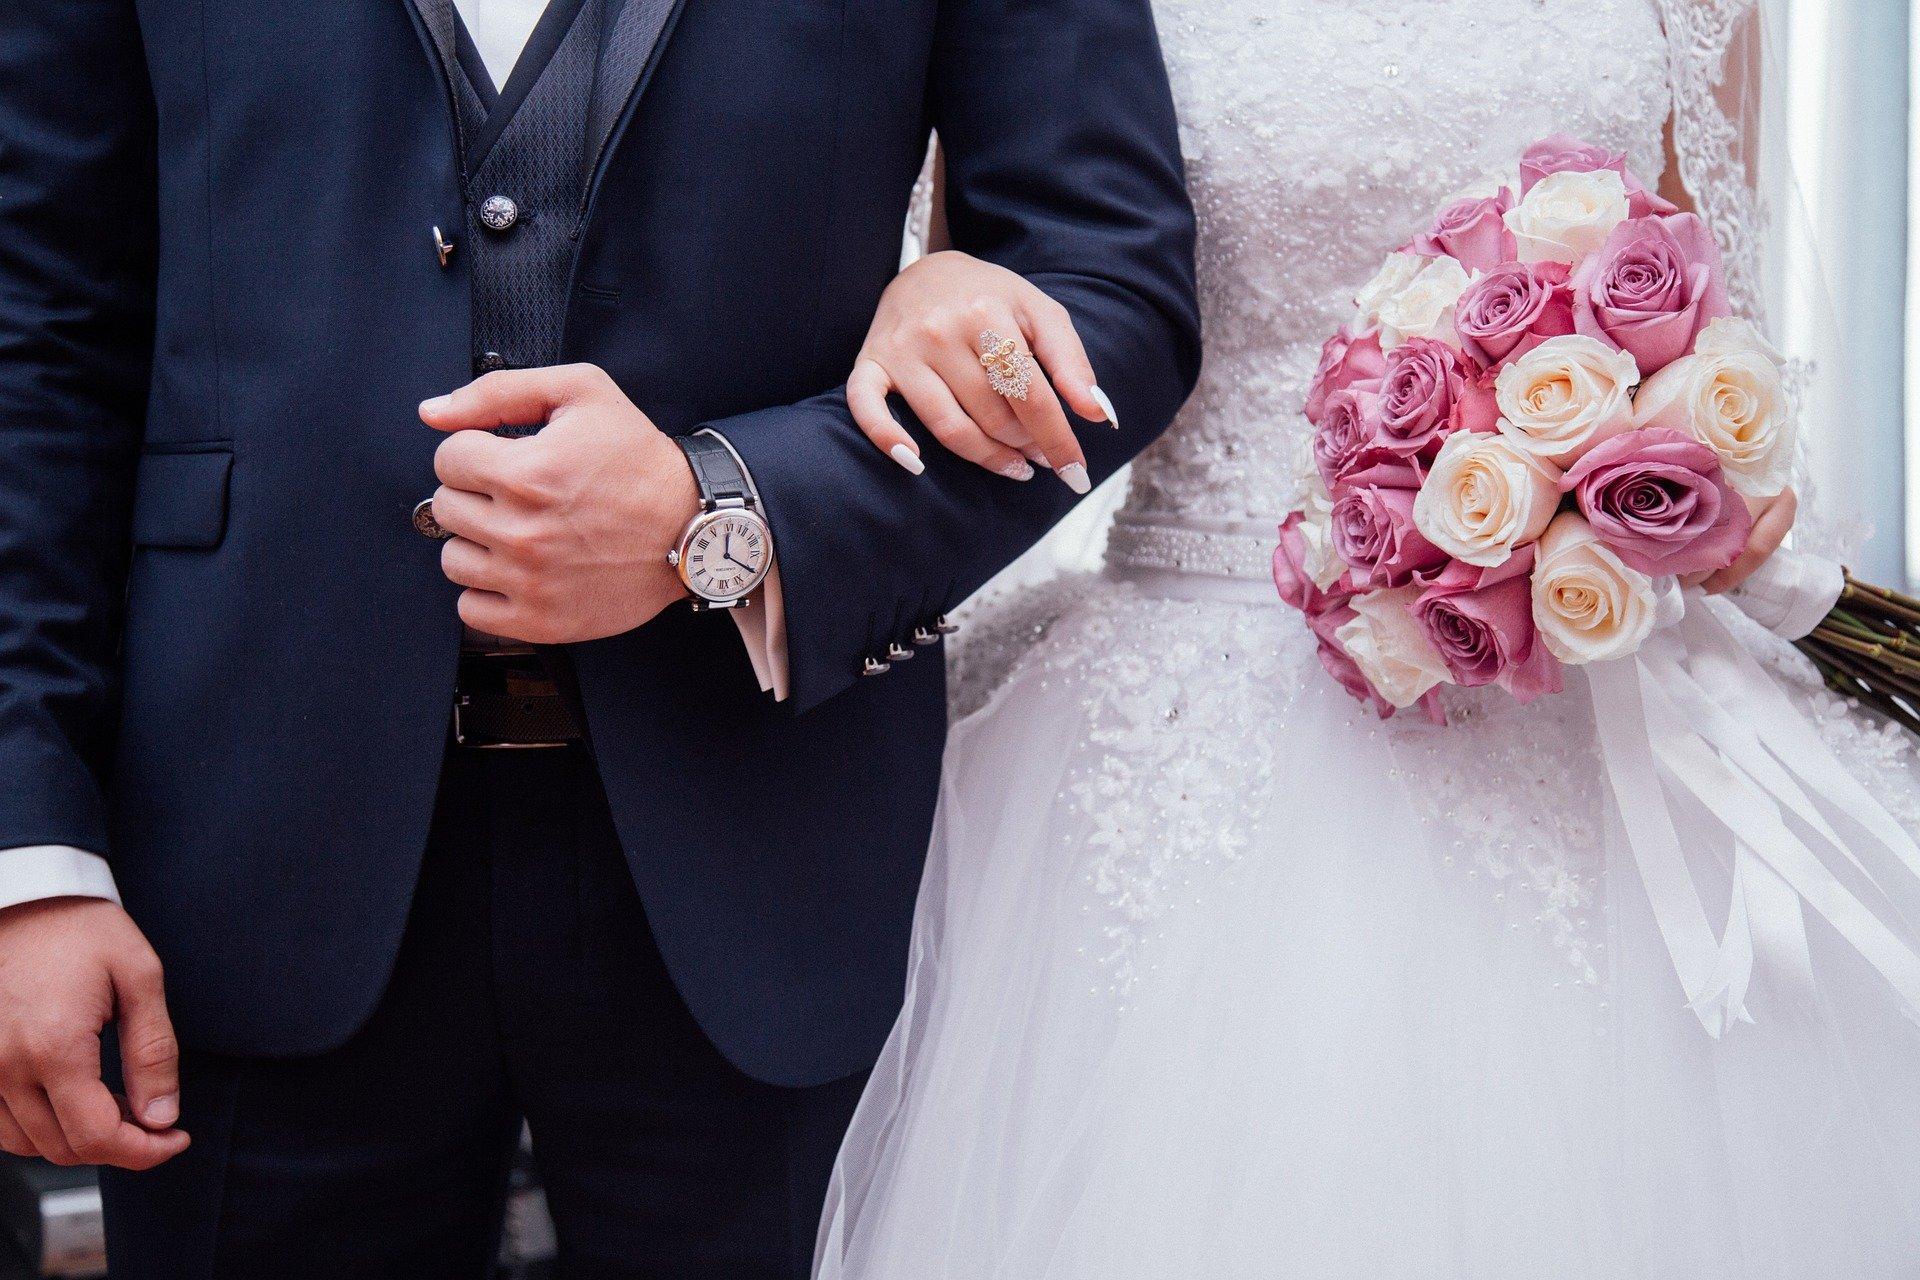 Chcą zakazu wesel w całym kraju. Co jeszcze?  - Zdjęcie główne